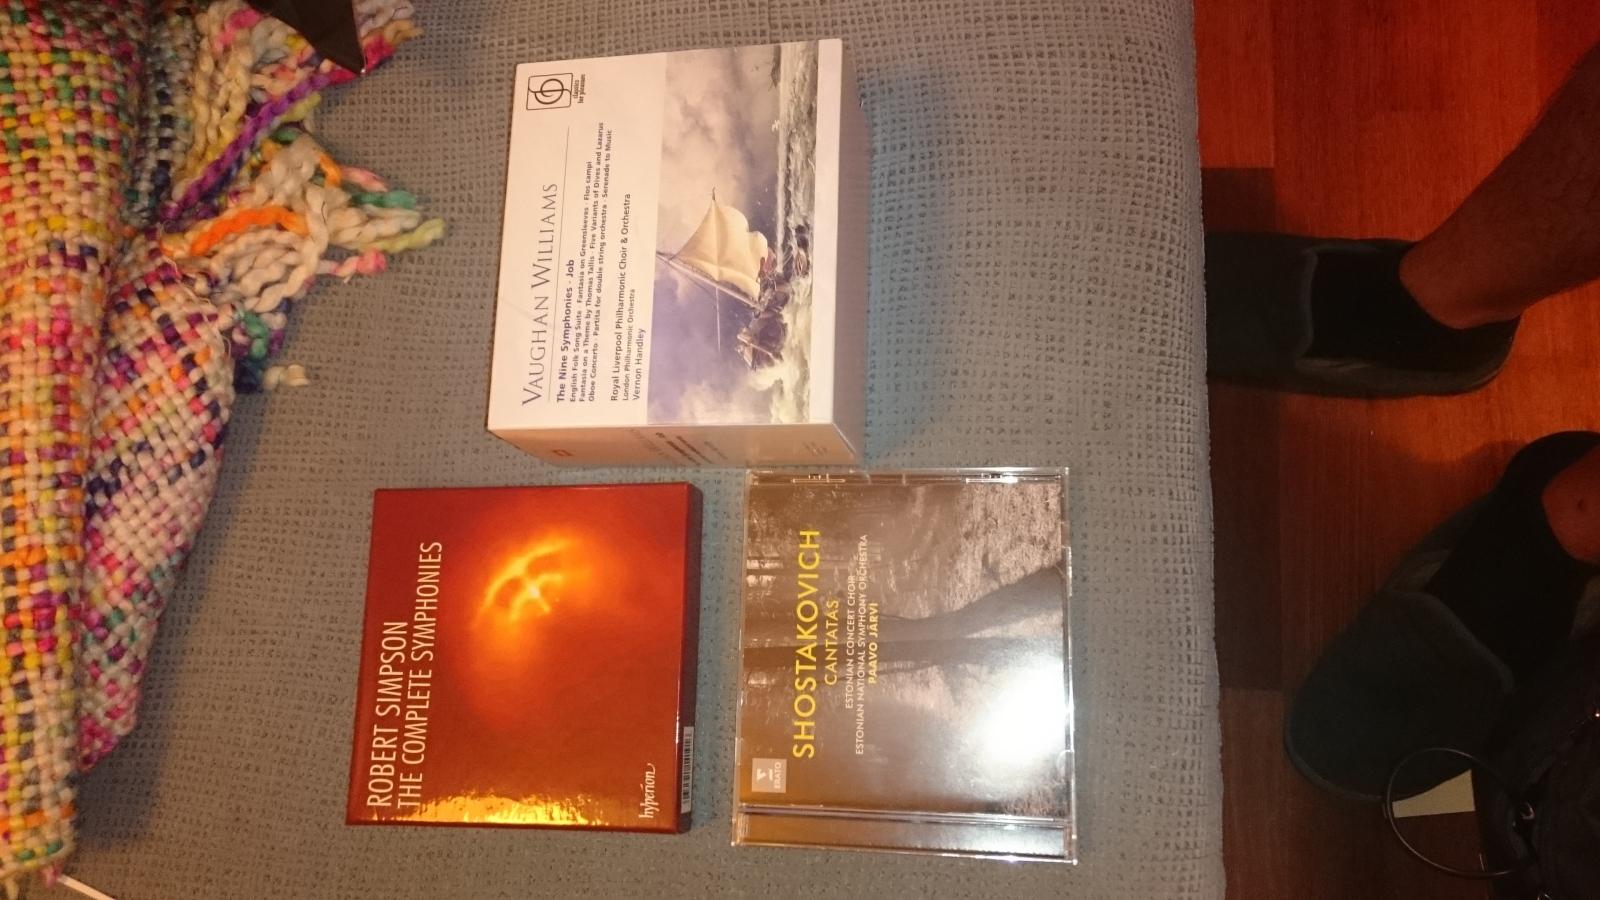 Una especie en extinción: Tiendas de CDs - Página 4 Adn9md